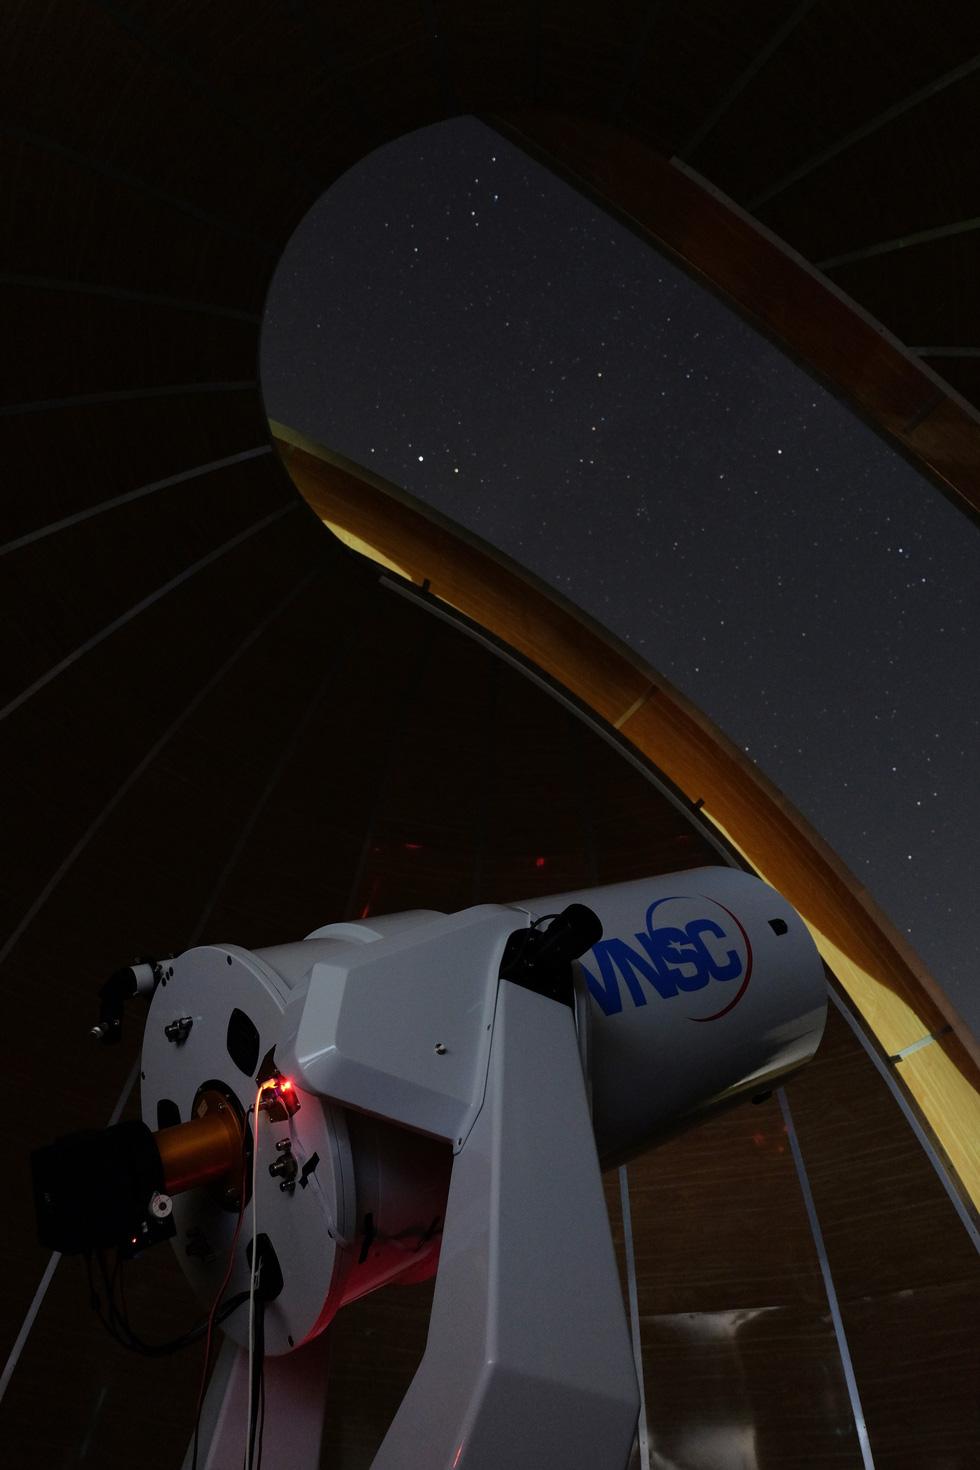 Đài thiên văn Hà Nội hấp dẫn không ngờ - Ảnh 3.